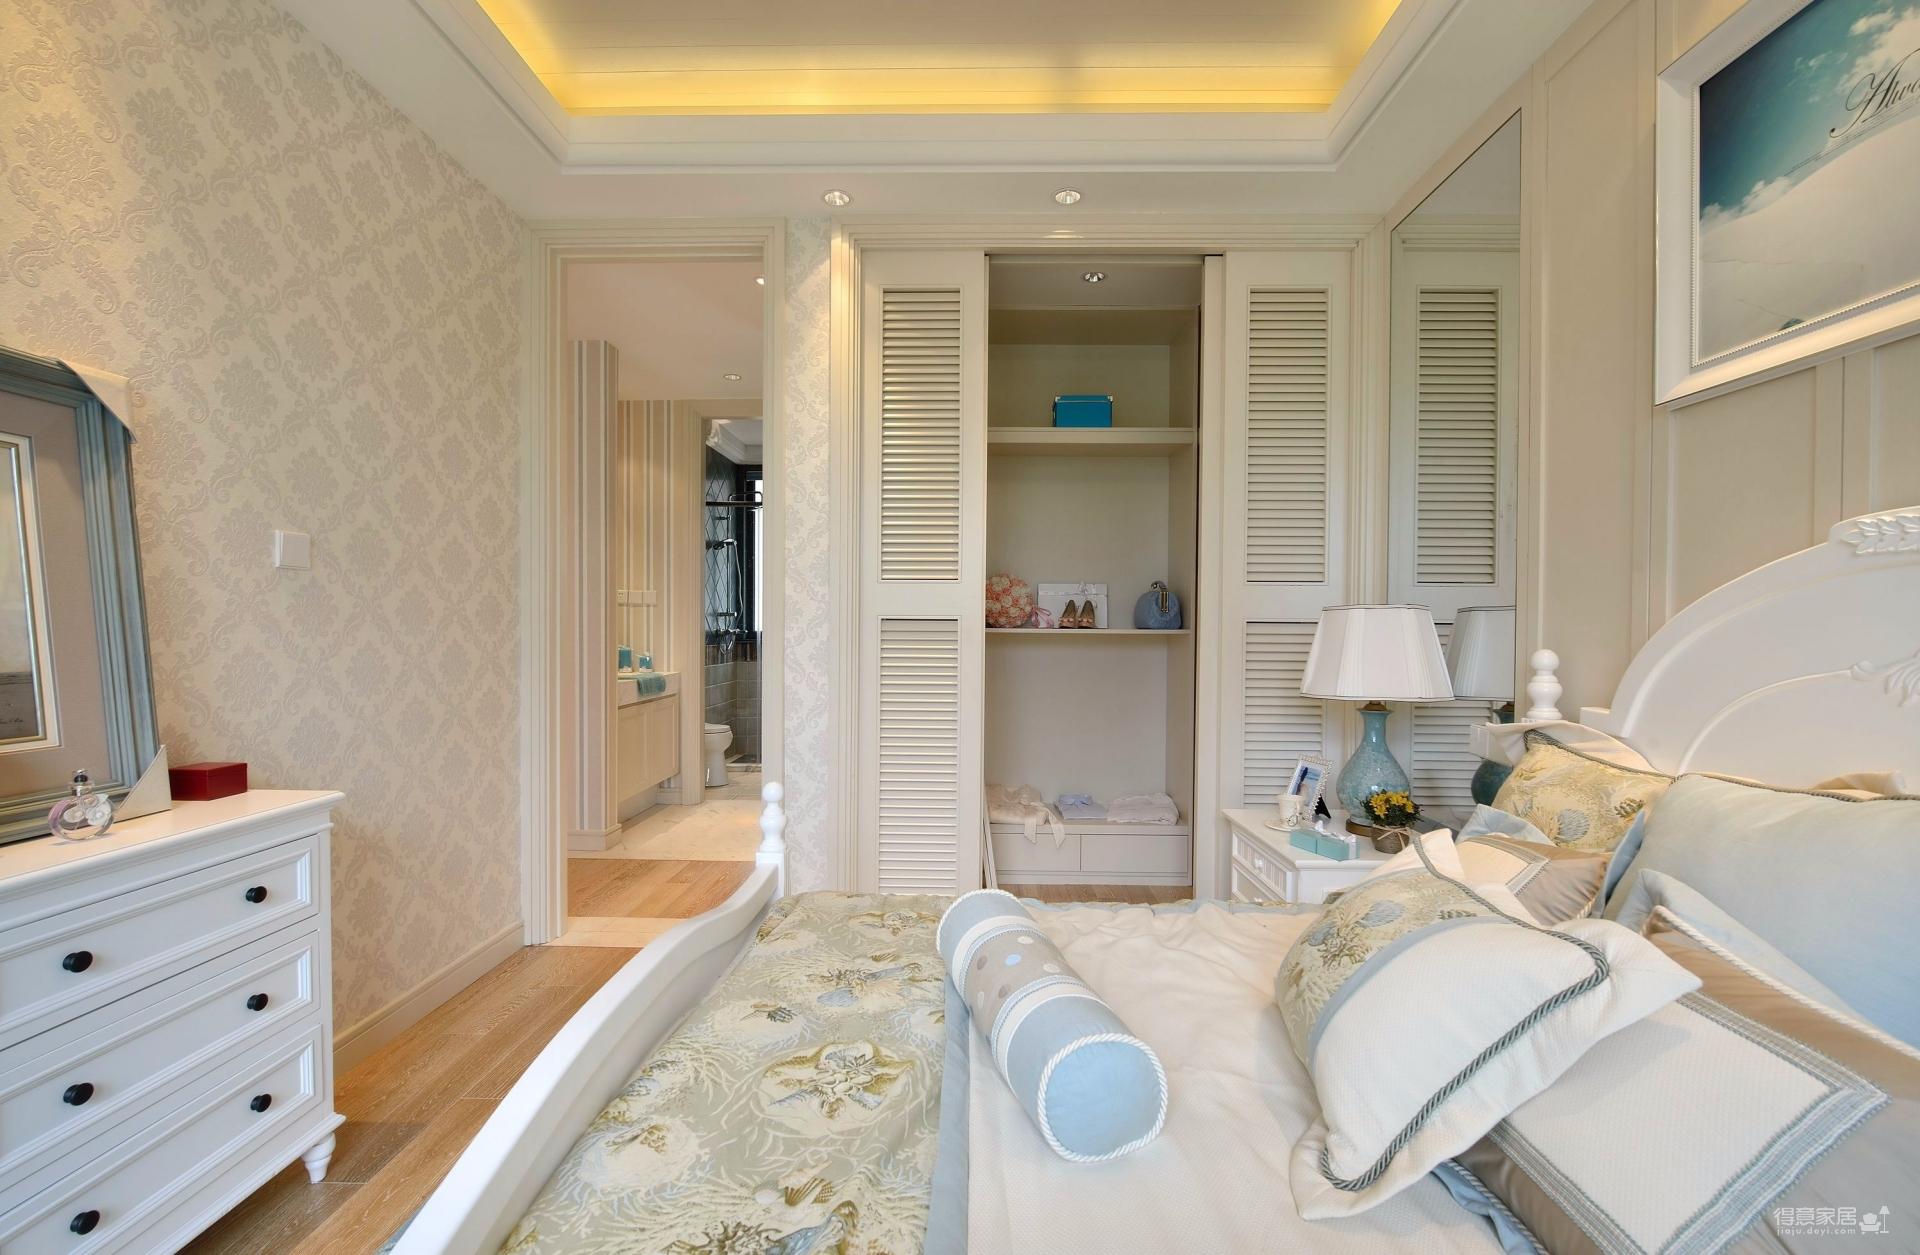 三室一厅-地中海风格-超有情调图_4